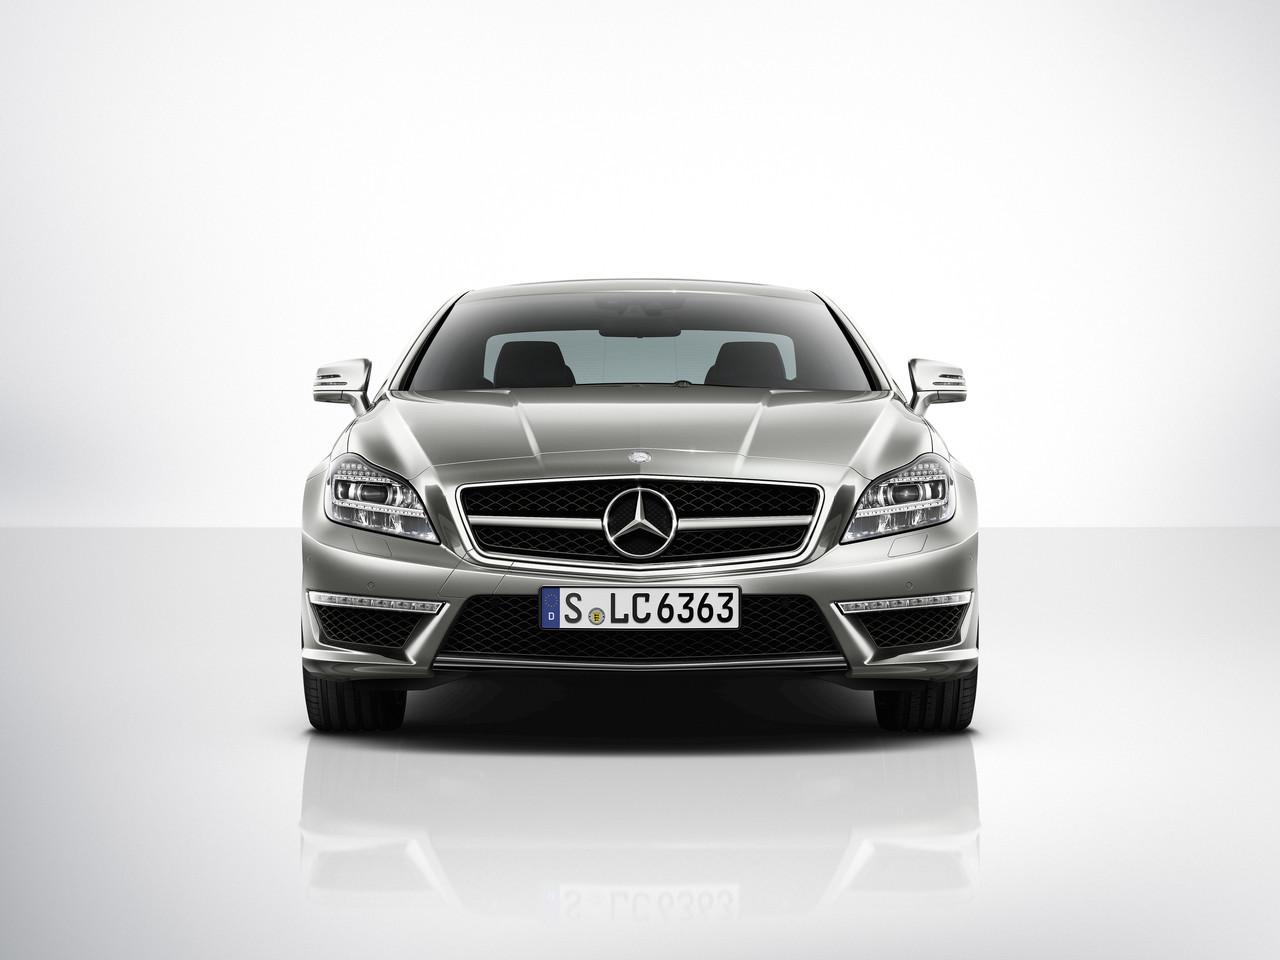 Foto de Mercedes CLS 63 AMG 2011 (1/30)